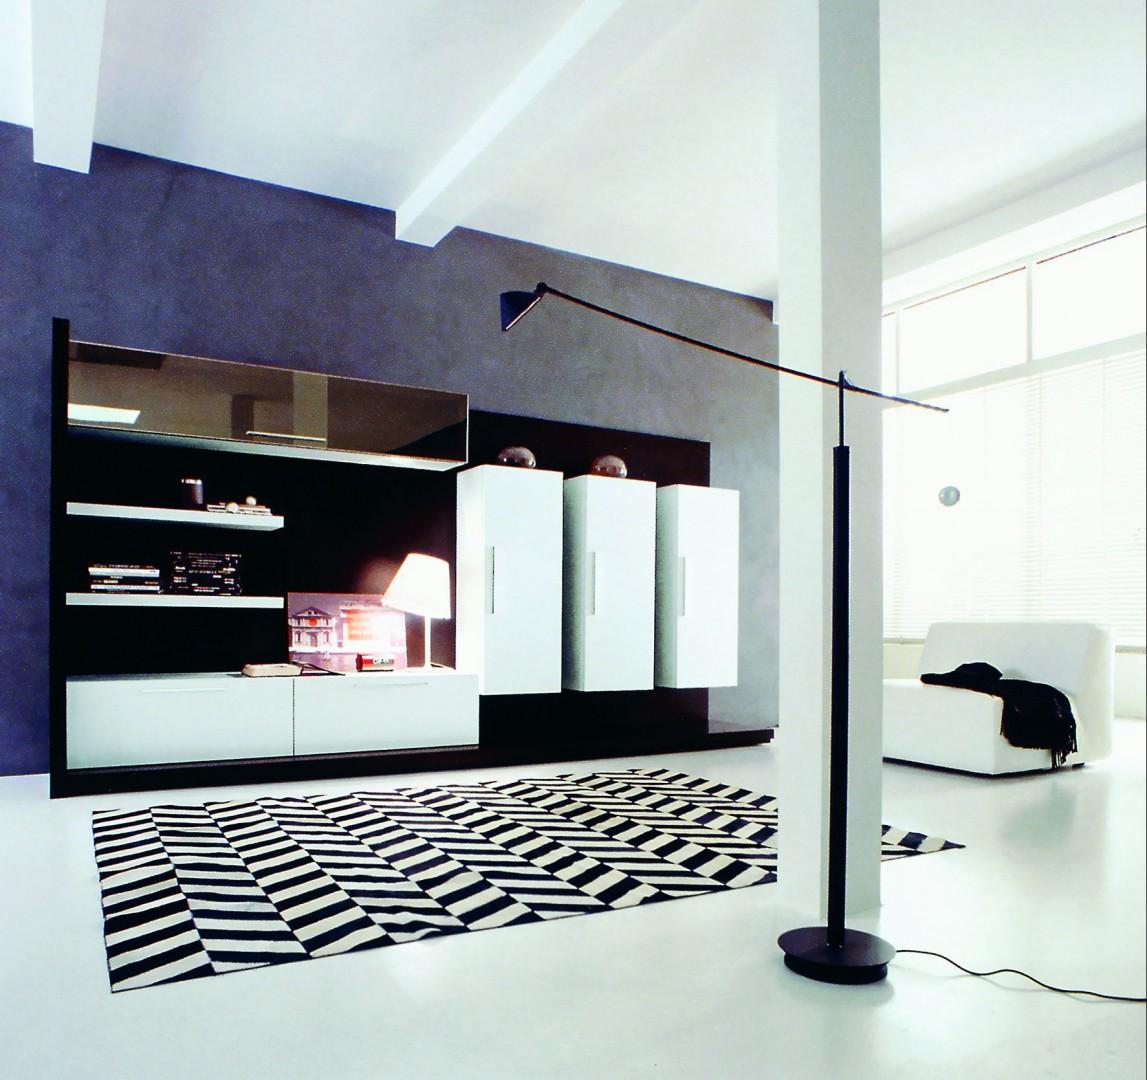 Biel idealnie pasuje do minimalistycznych wnętrz. Fot. Archiwum